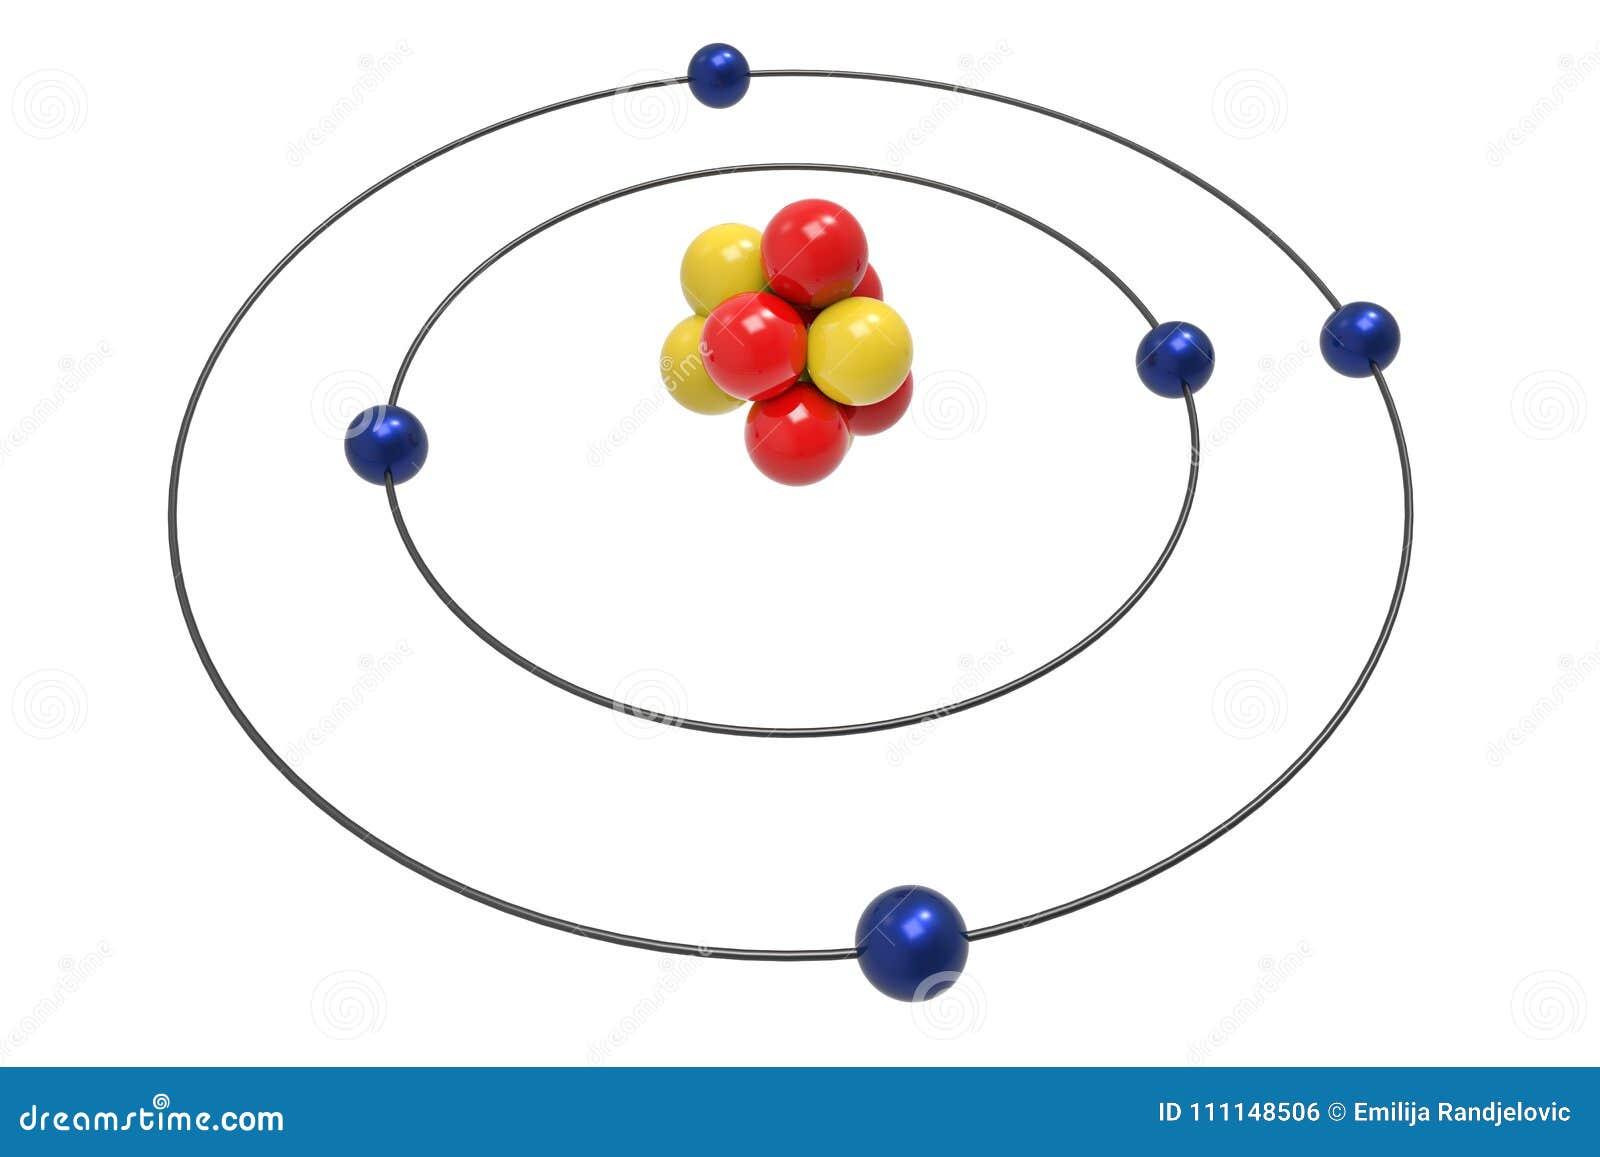 Bohr Model Of Boron Atom With Proton  Neutron And Electron